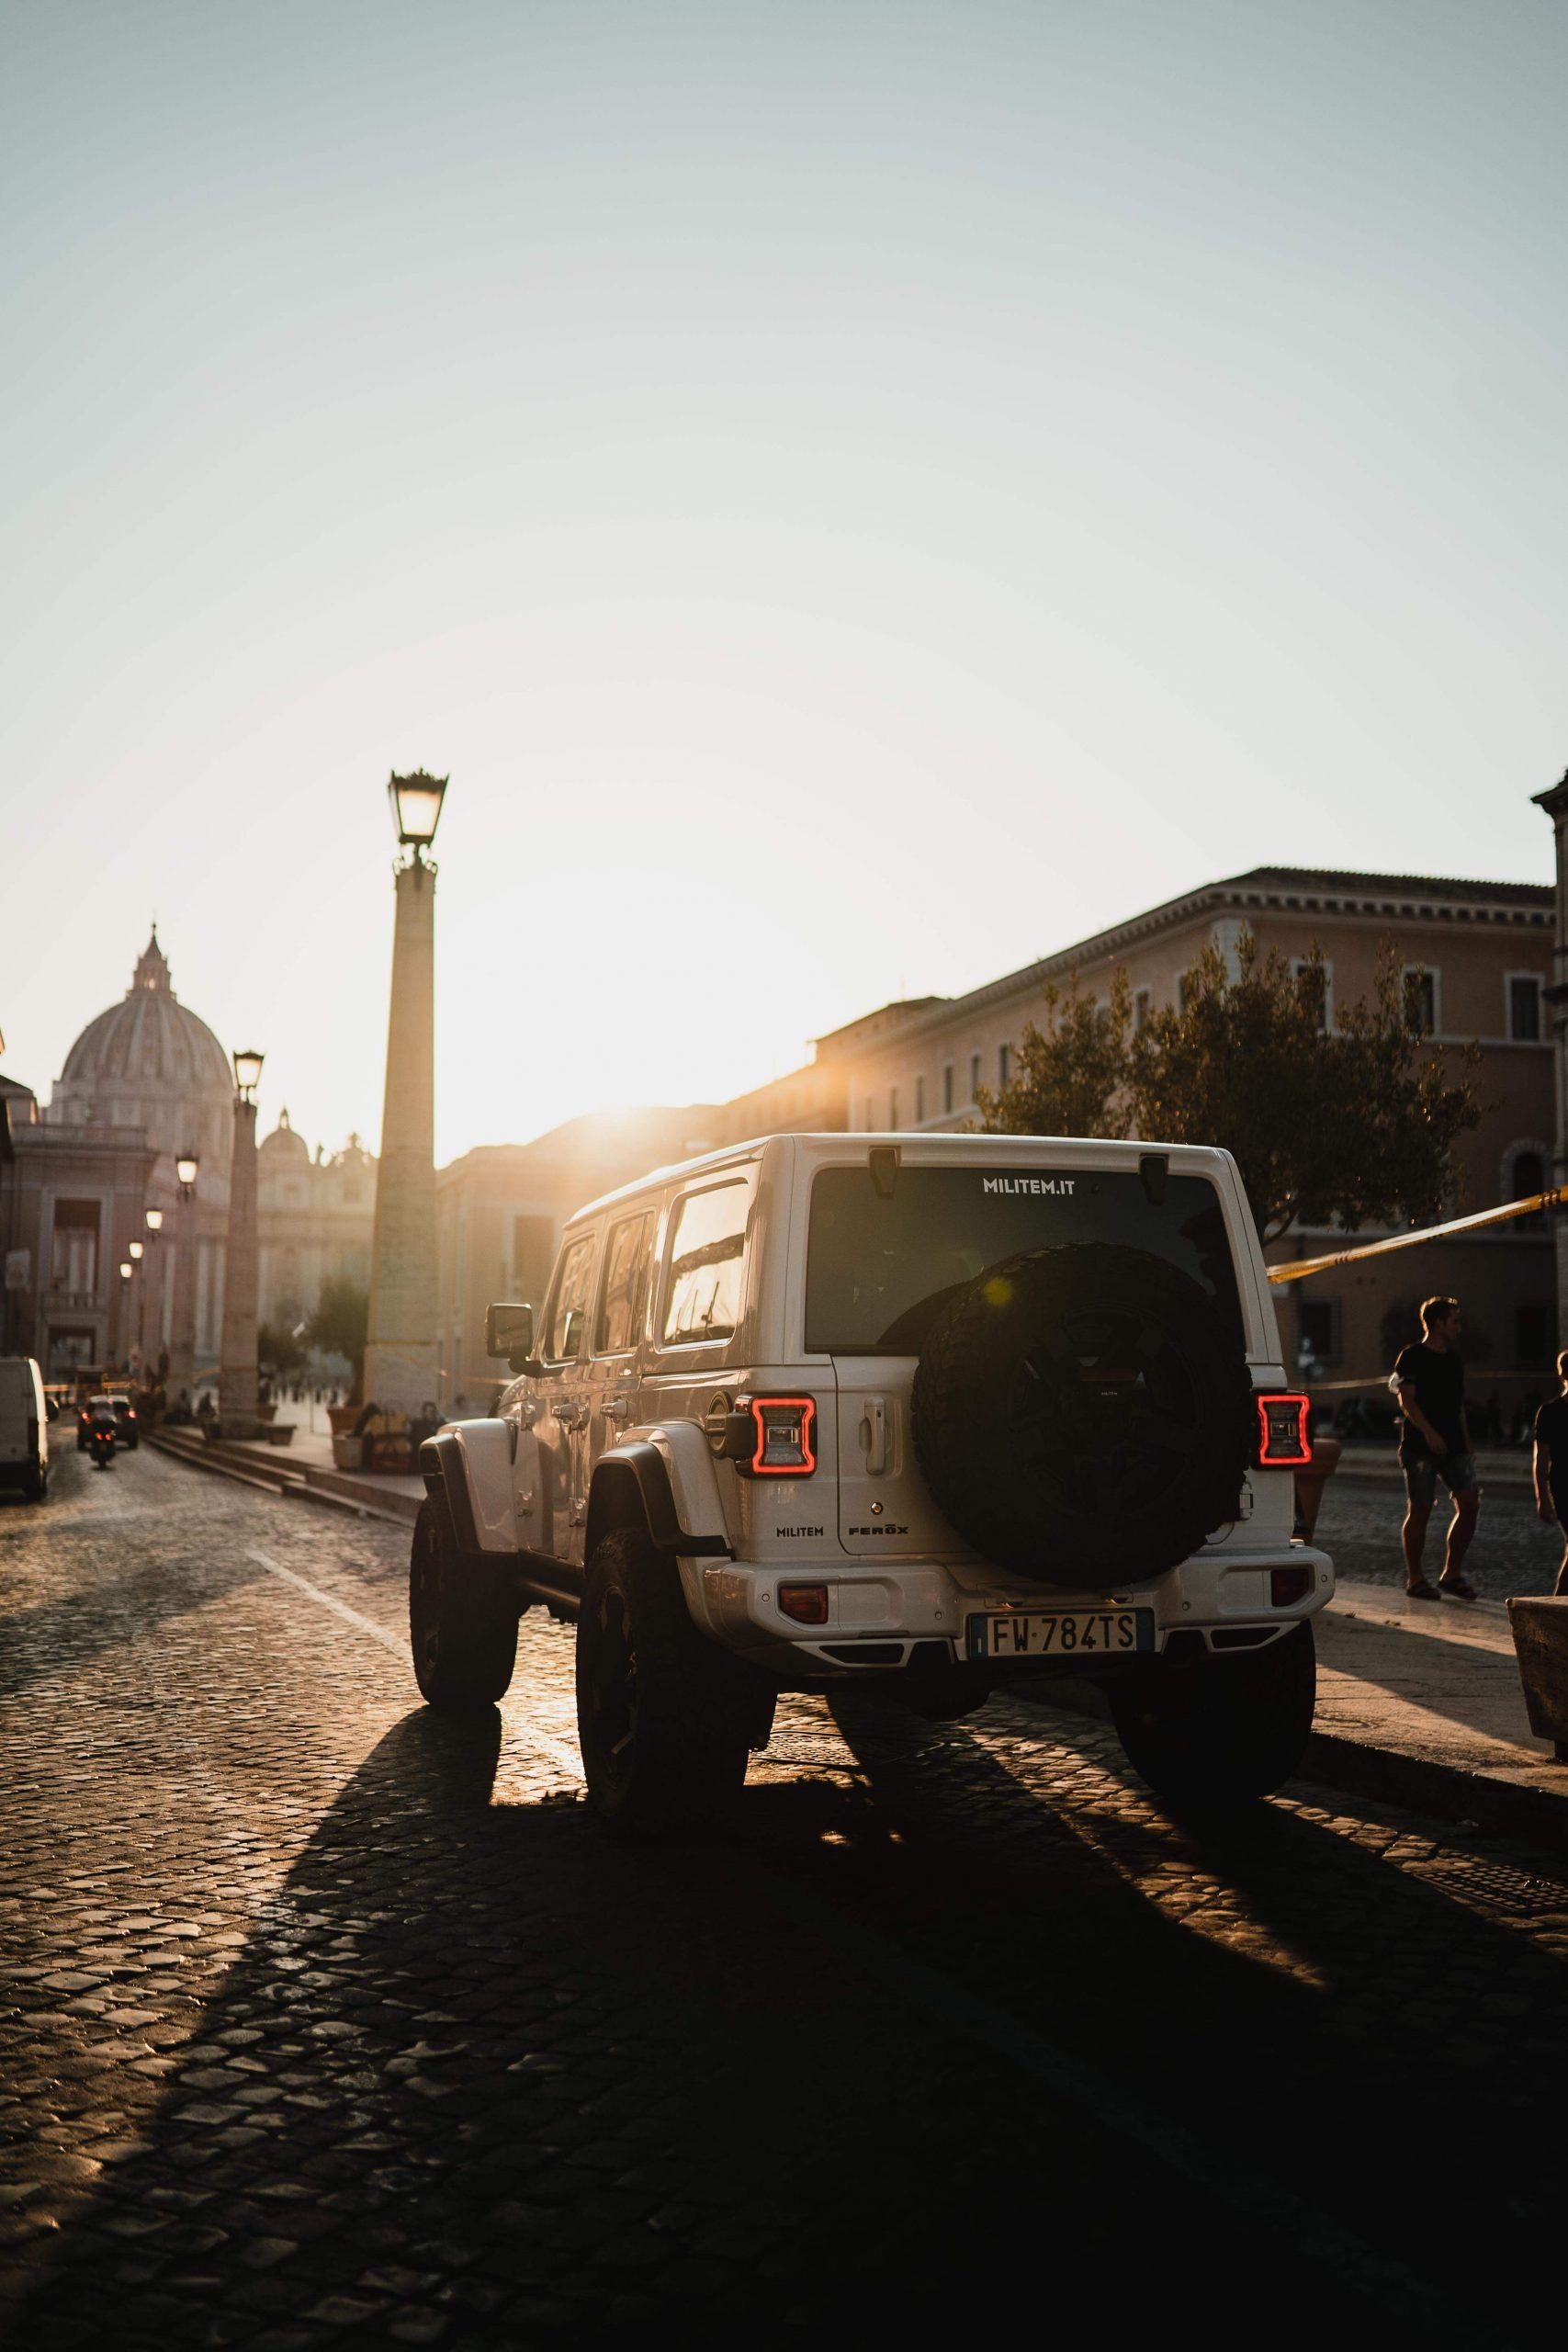 Militem Ferox Bianco Roma